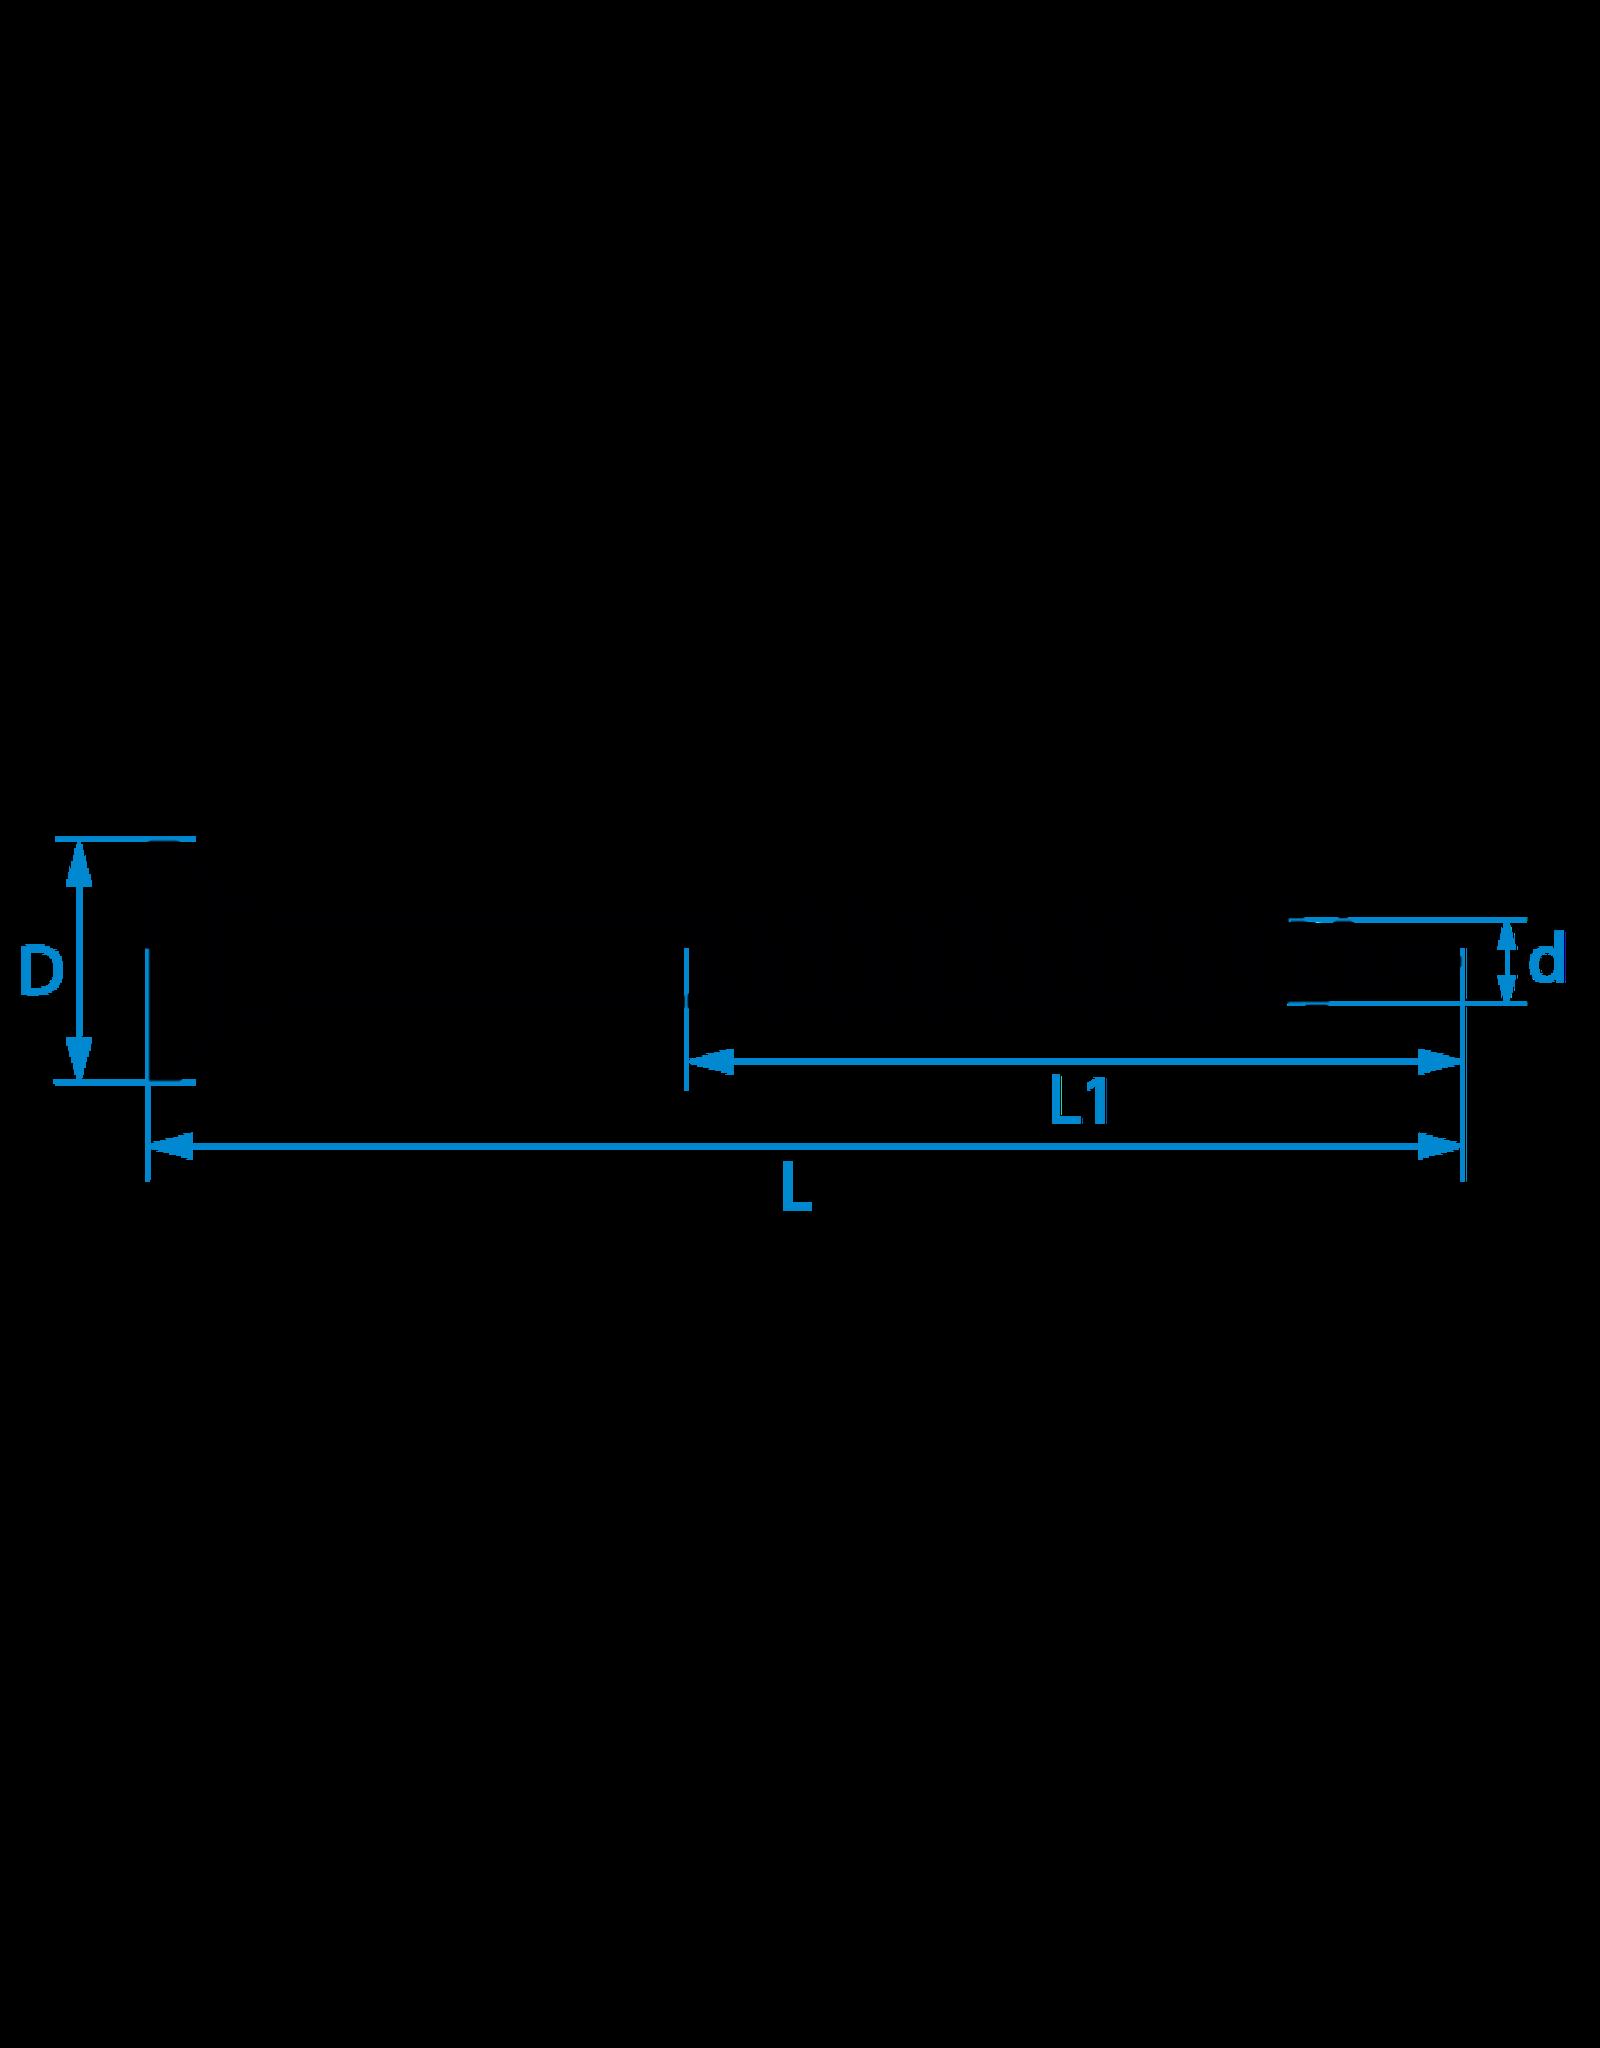 Spaanplaatschroeven platkop deeldraad 6.0x150/70 TX-30 staal gehard verzinkt per 100 stuks